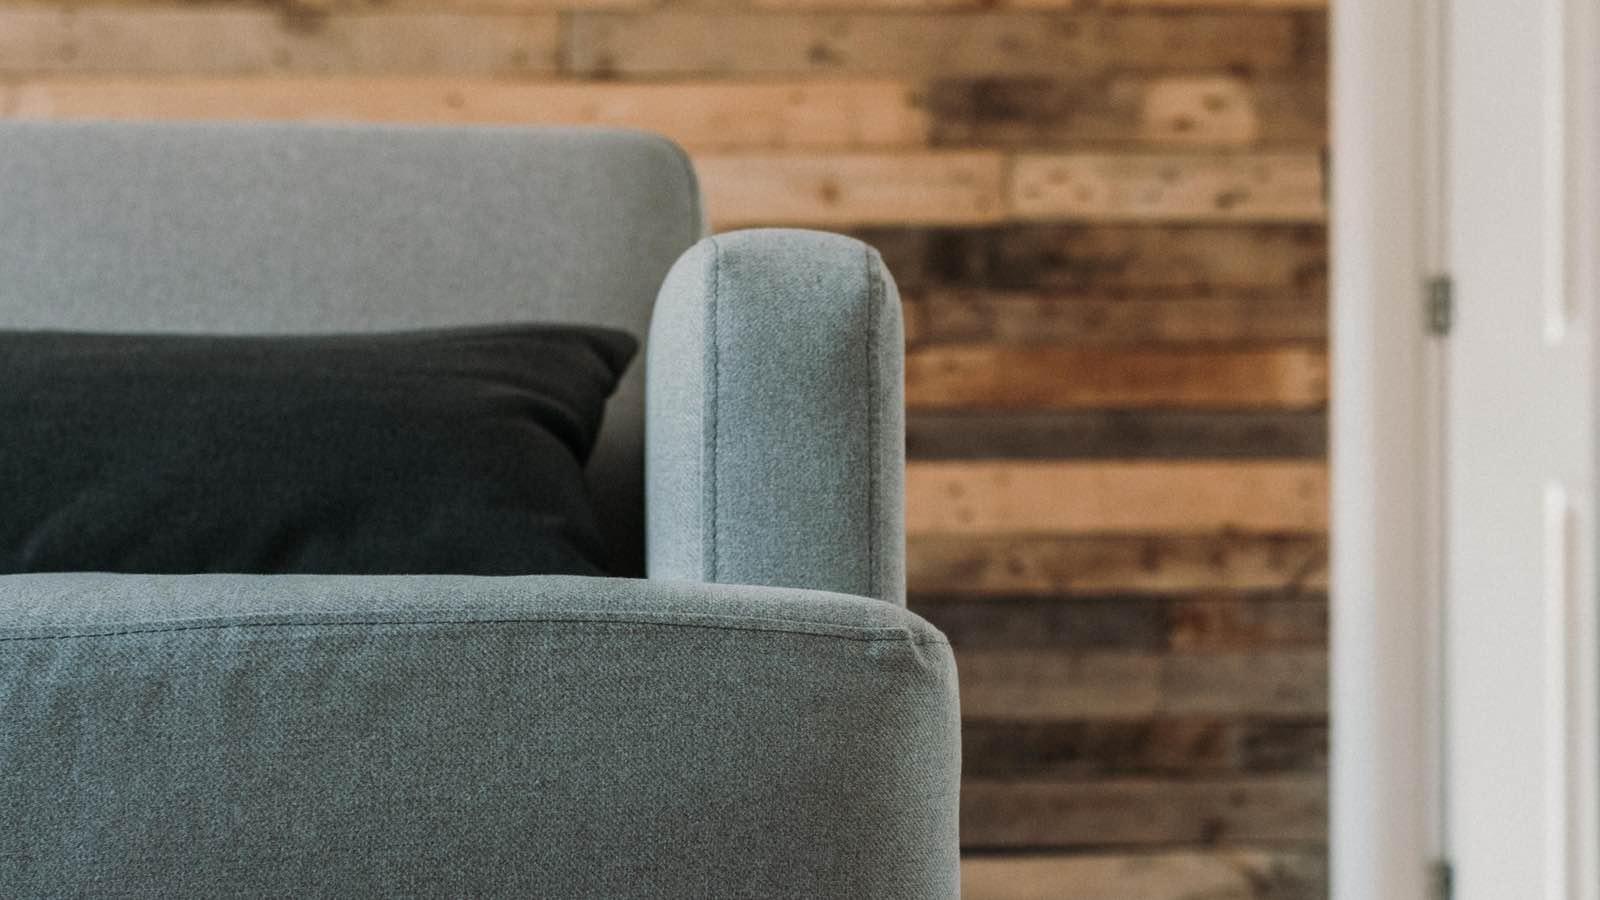 Full Size of Sofa Reinigen Lassen Stoff Natron Spray Dampfreiniger Mieten Couch Dm Mit Reinigung Microfaser Leihen Ausleihen Ultimative Anleitung Fr Pflege Schlafzimmerde Sofa Sofa Reinigen